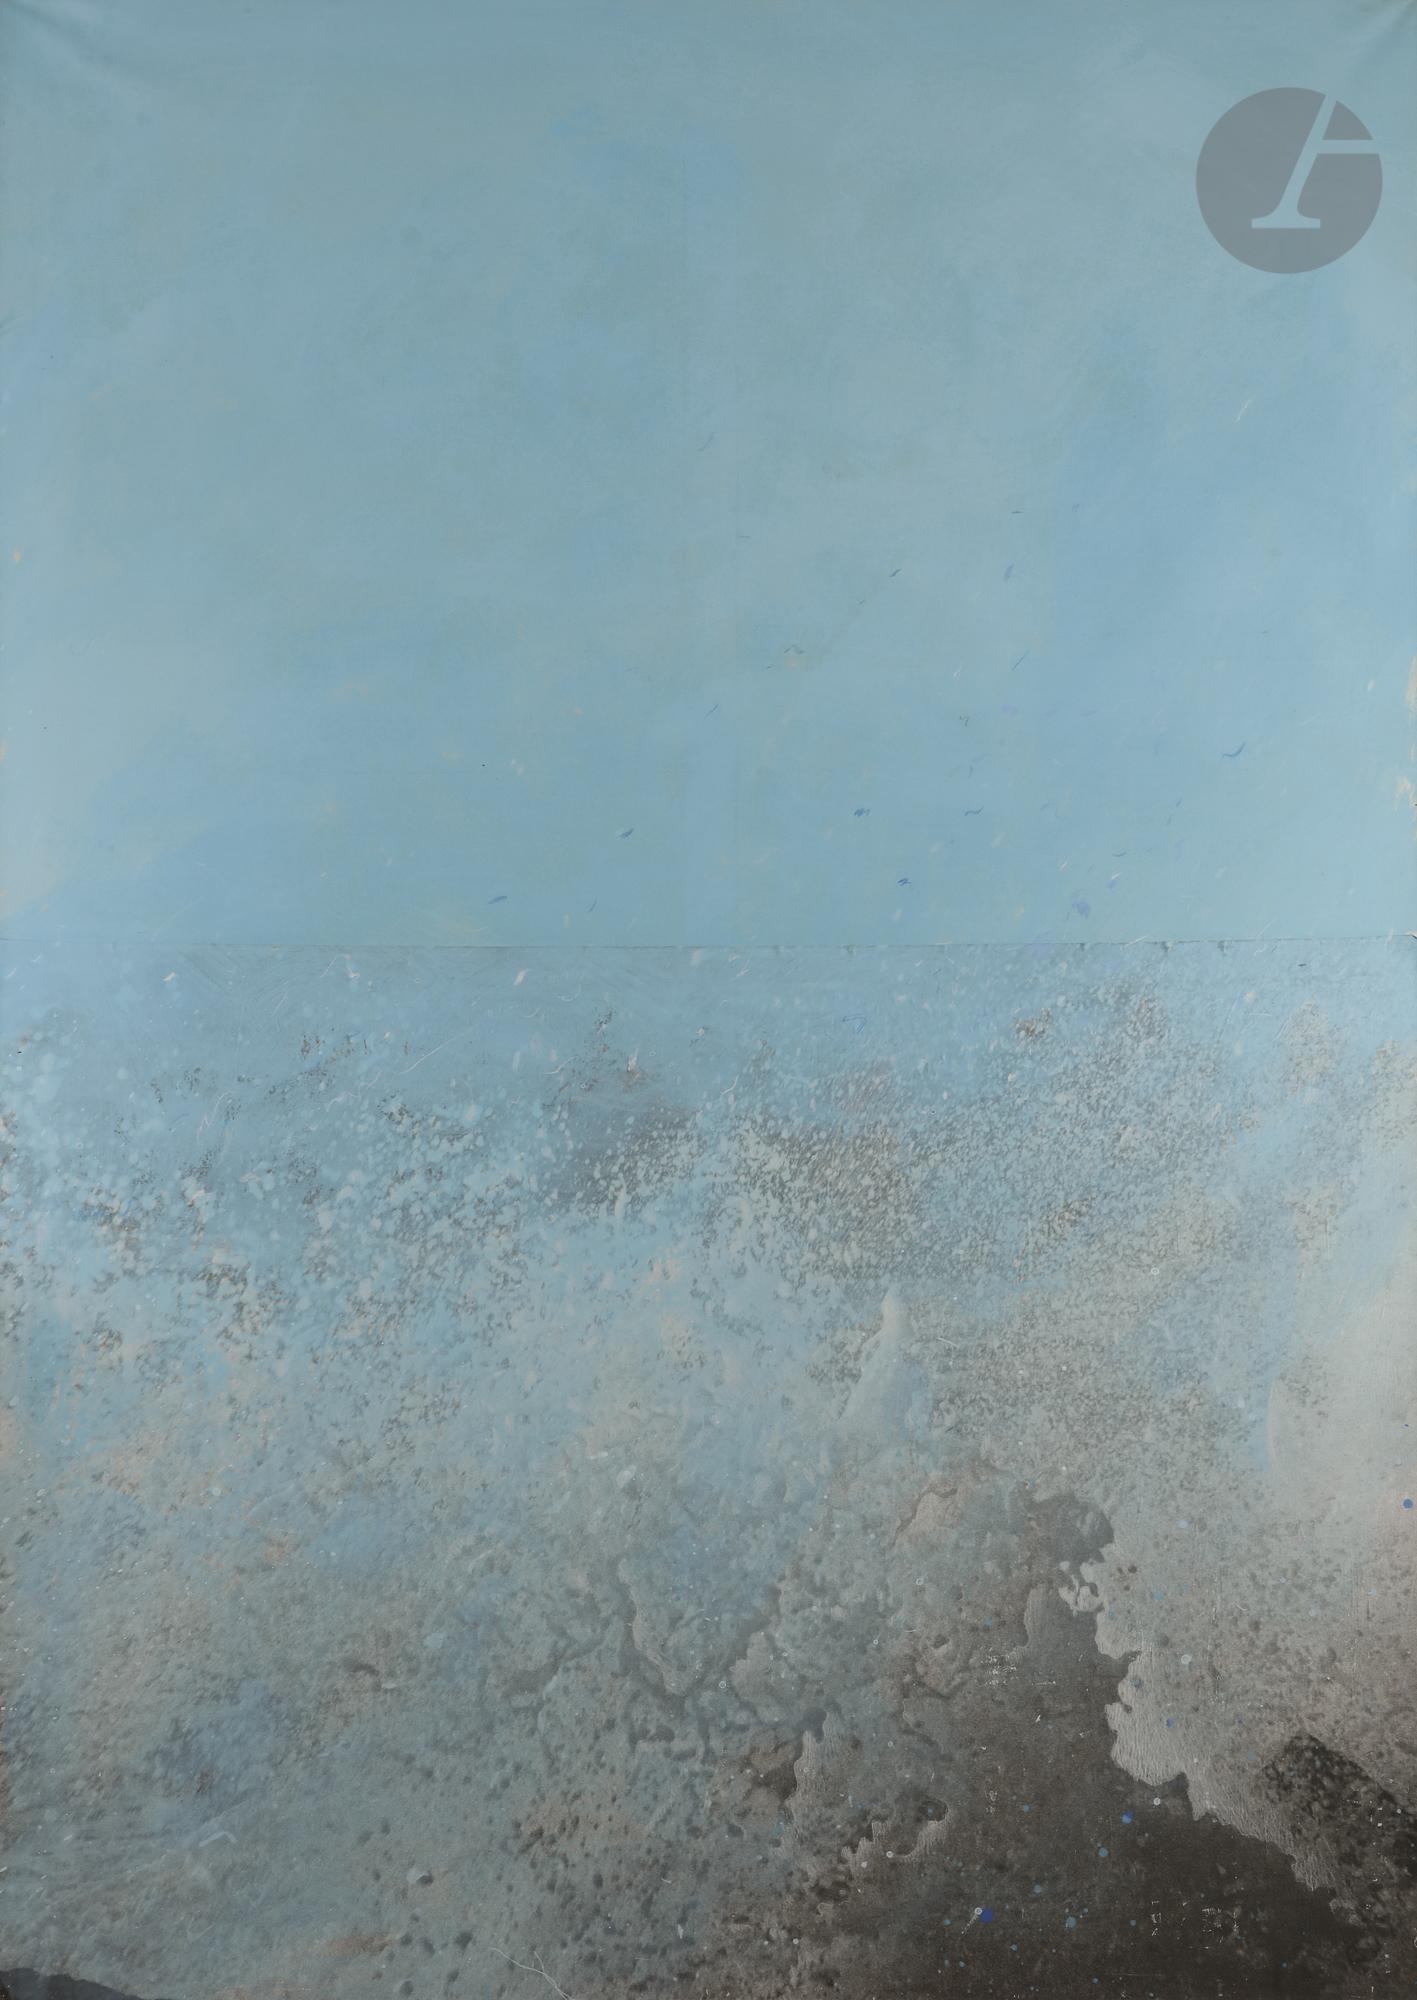 Lot 56 - Alfred HOFKUNST [autrichien] (1942-2004) La Mer est belle, 1982 Acrylique et pastel sur toile -